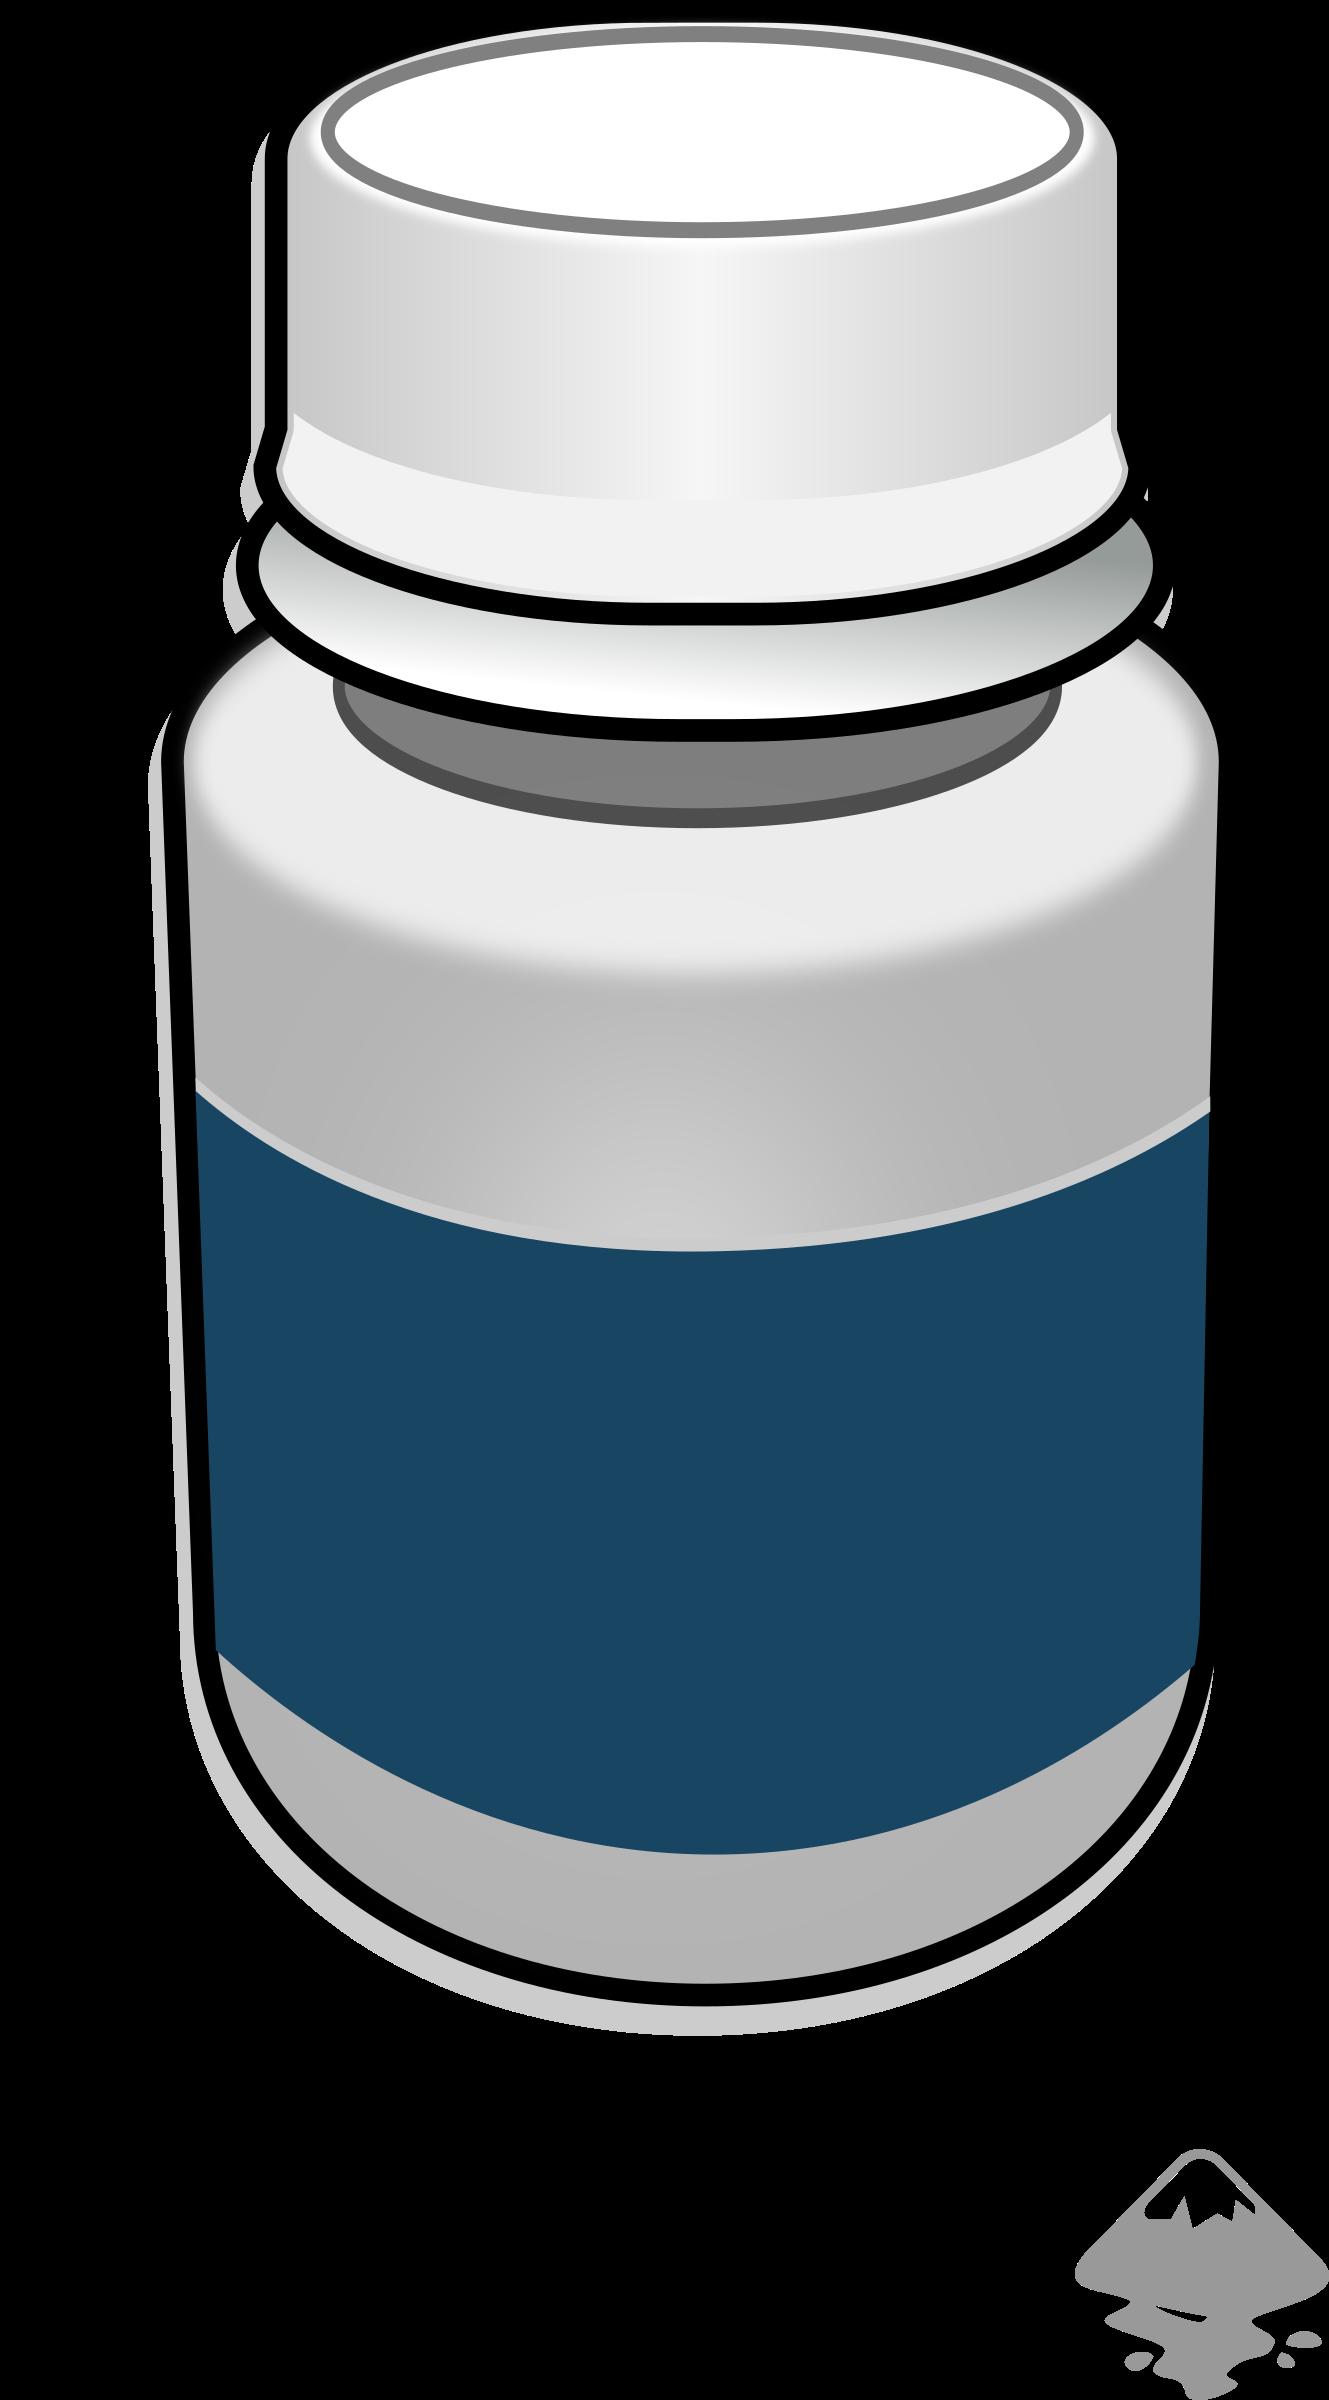 pill clipart pill bottle